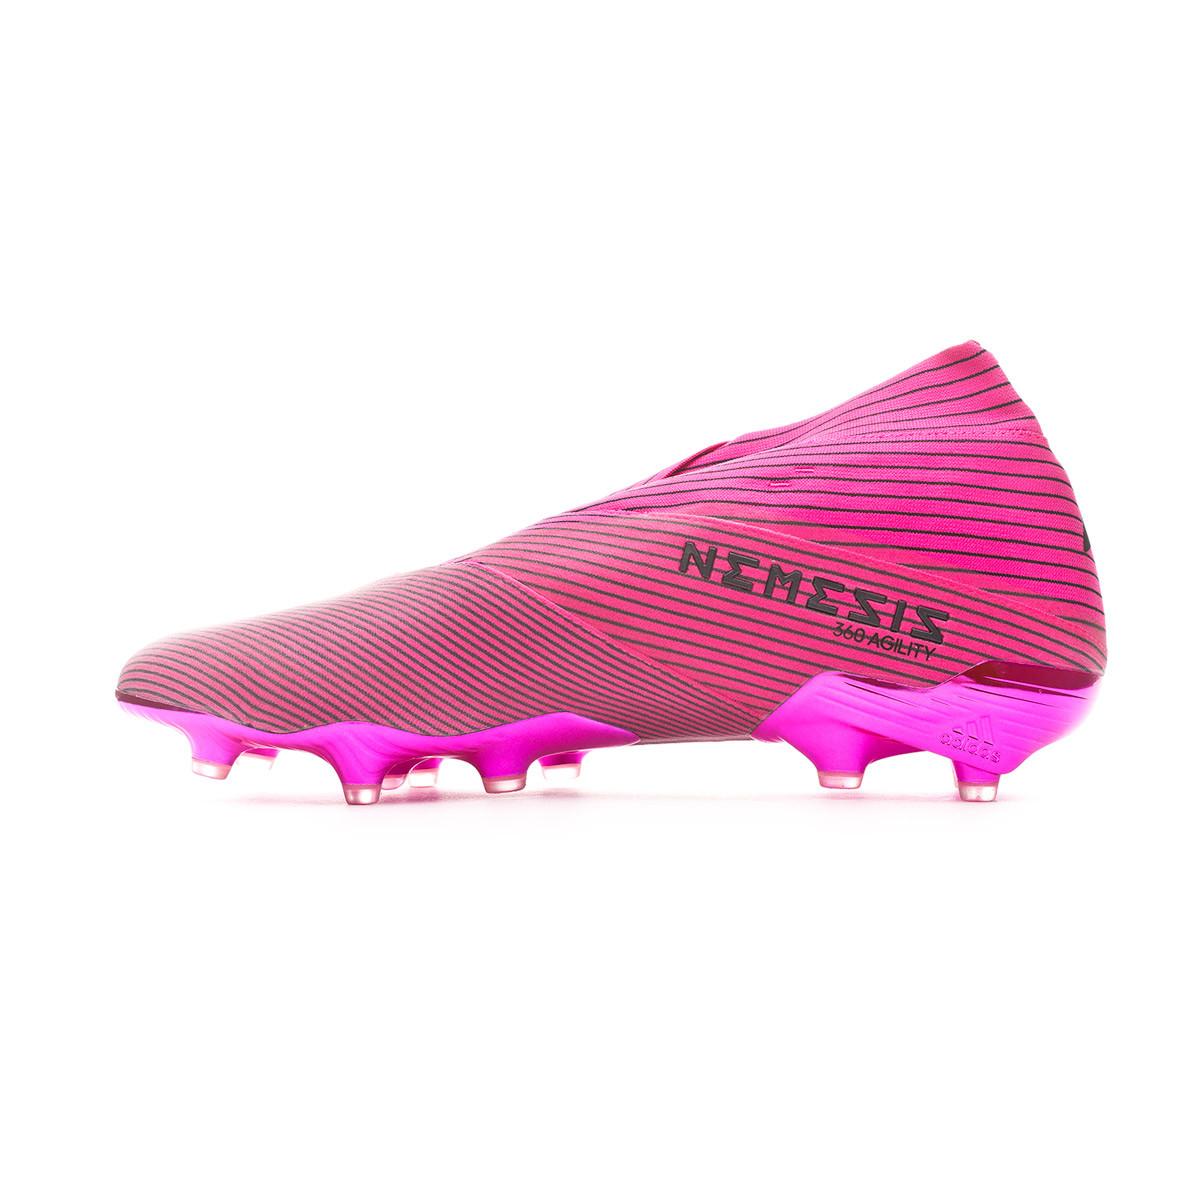 Football Boots adidas Nemeziz 19+ FG